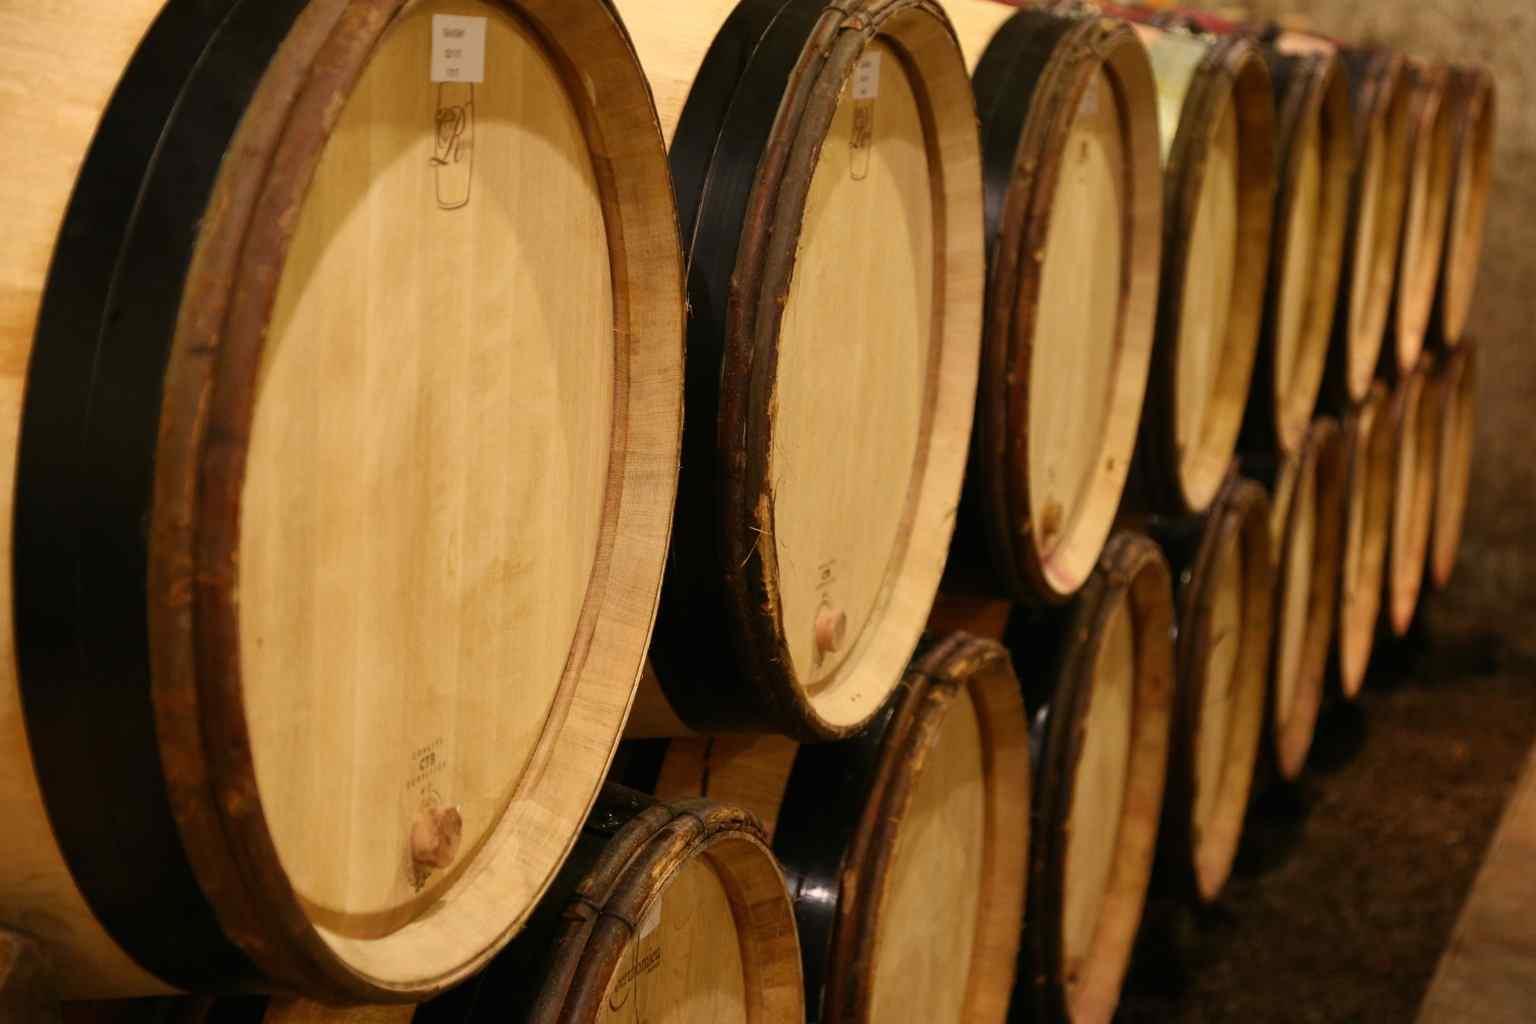 Domaine du Prieuré - アペロ ワインバー / apéro WINEBAR - vins et petits plats français - Minami Aoyama Tokyo